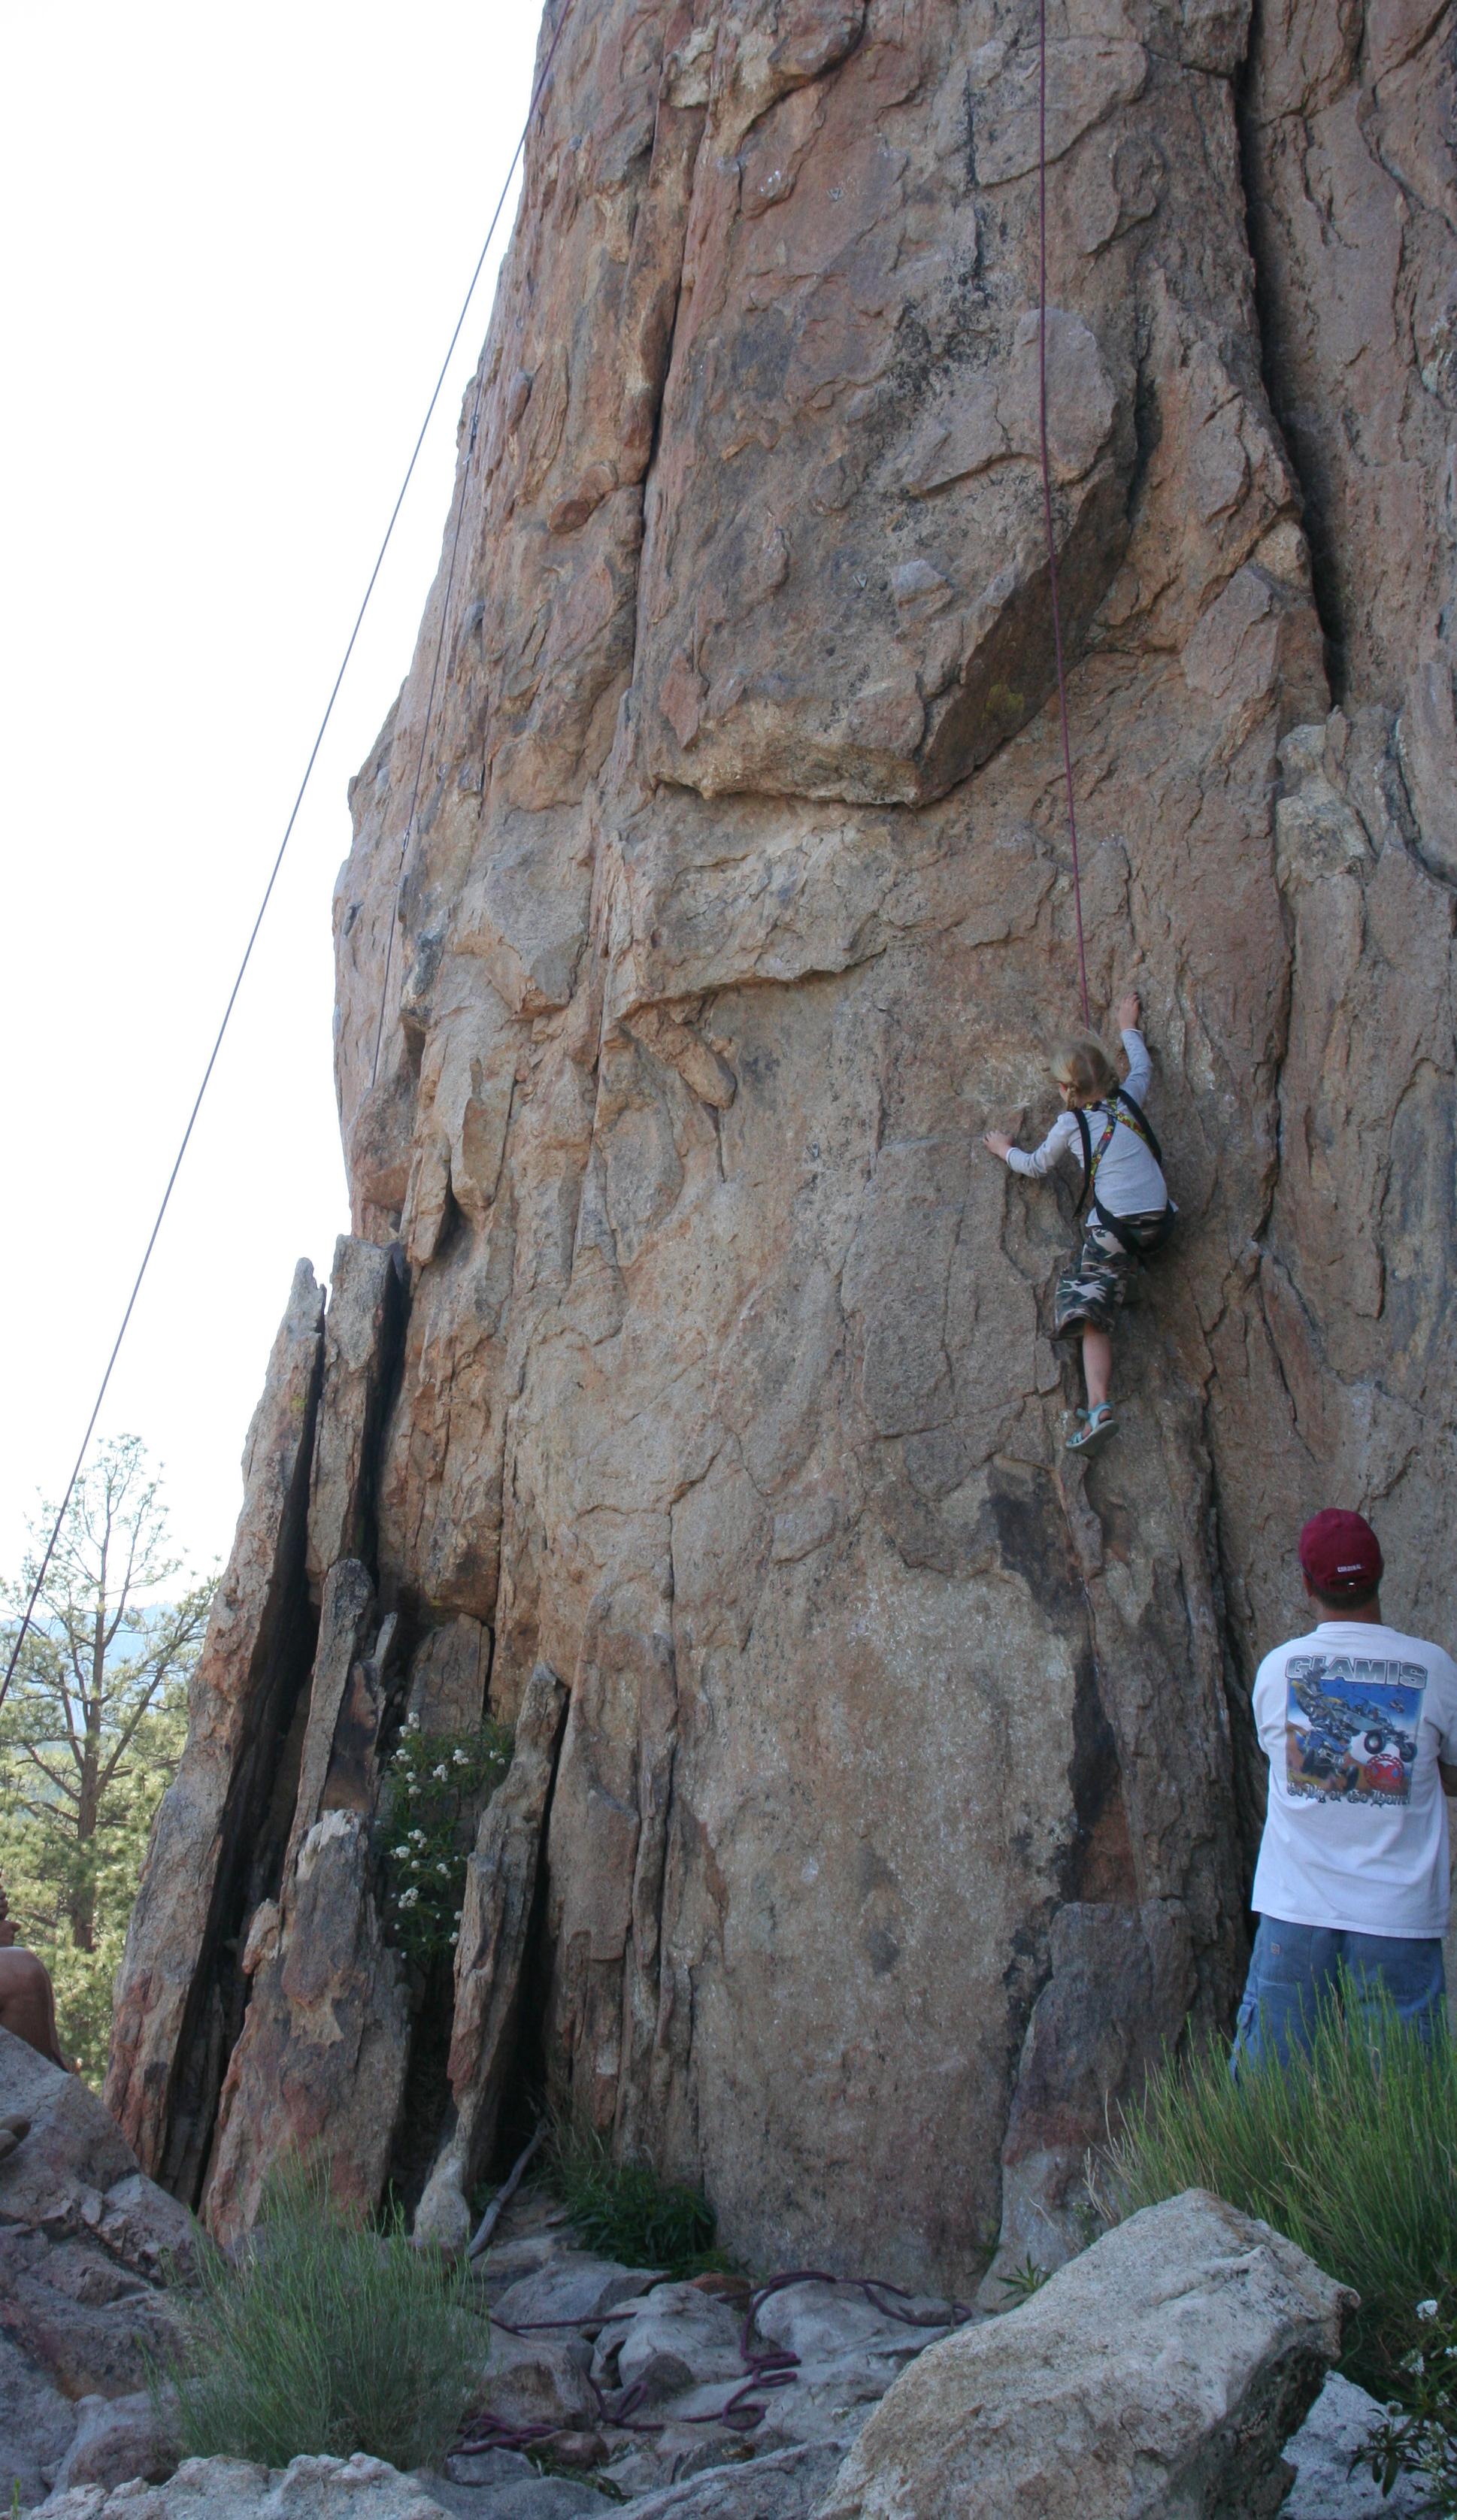 Savannah Climbing too